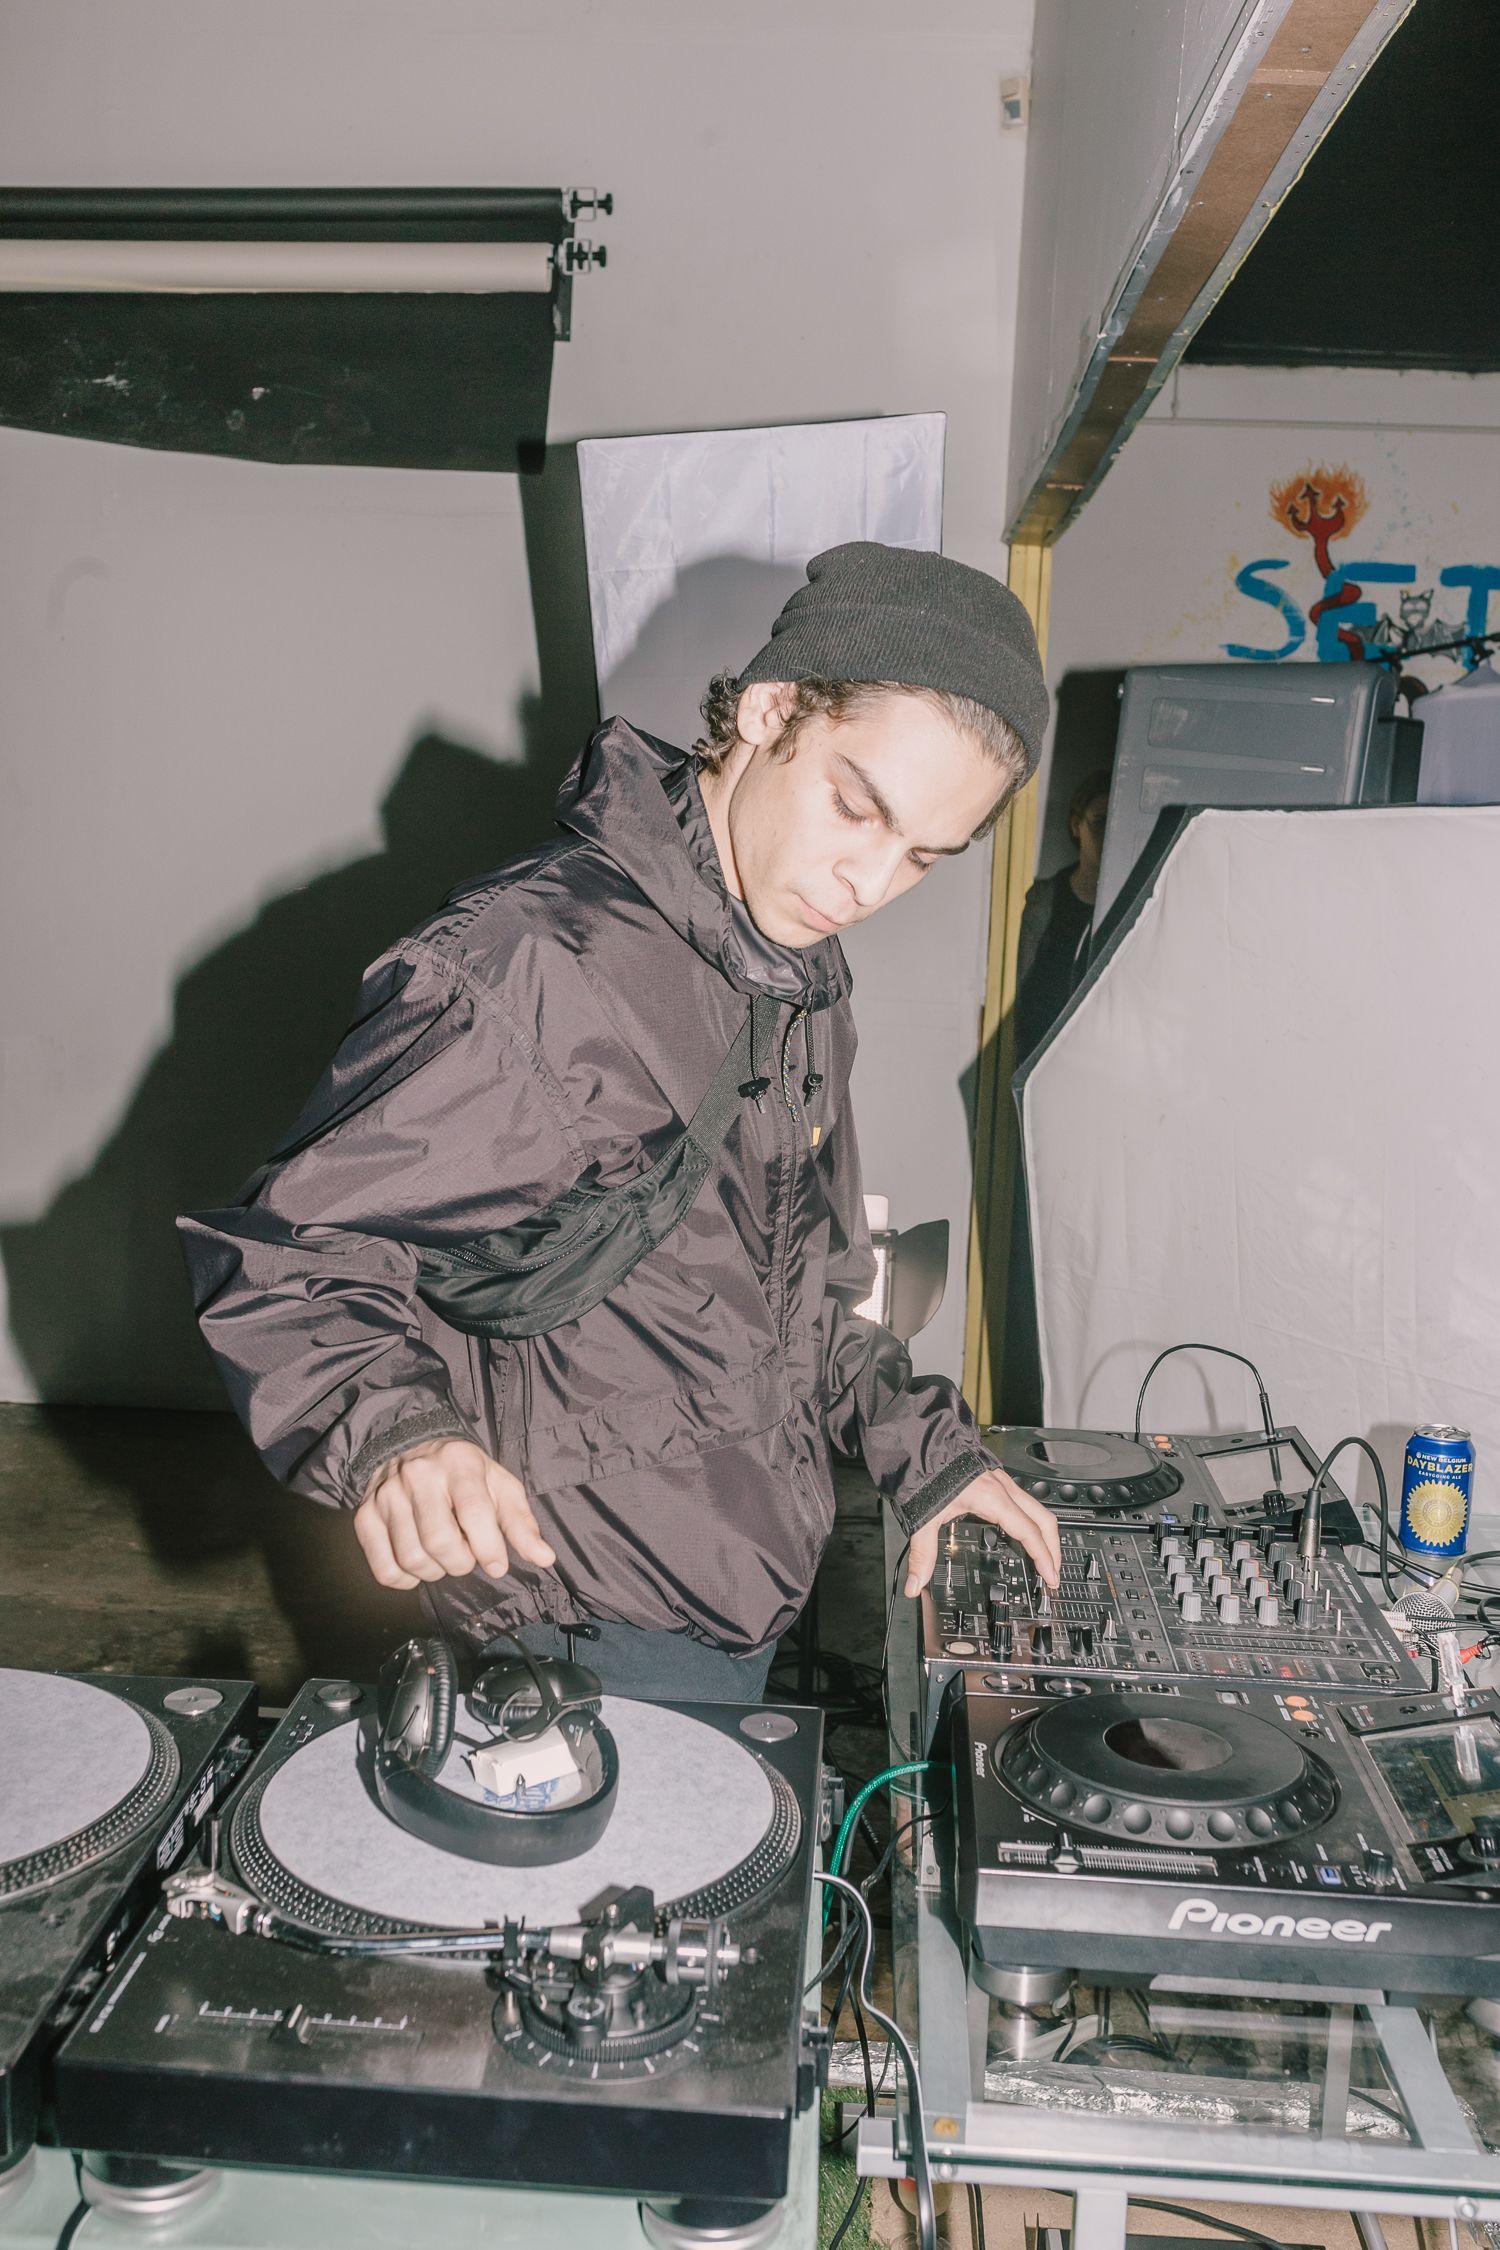 DJ Earthsurfaceopen: